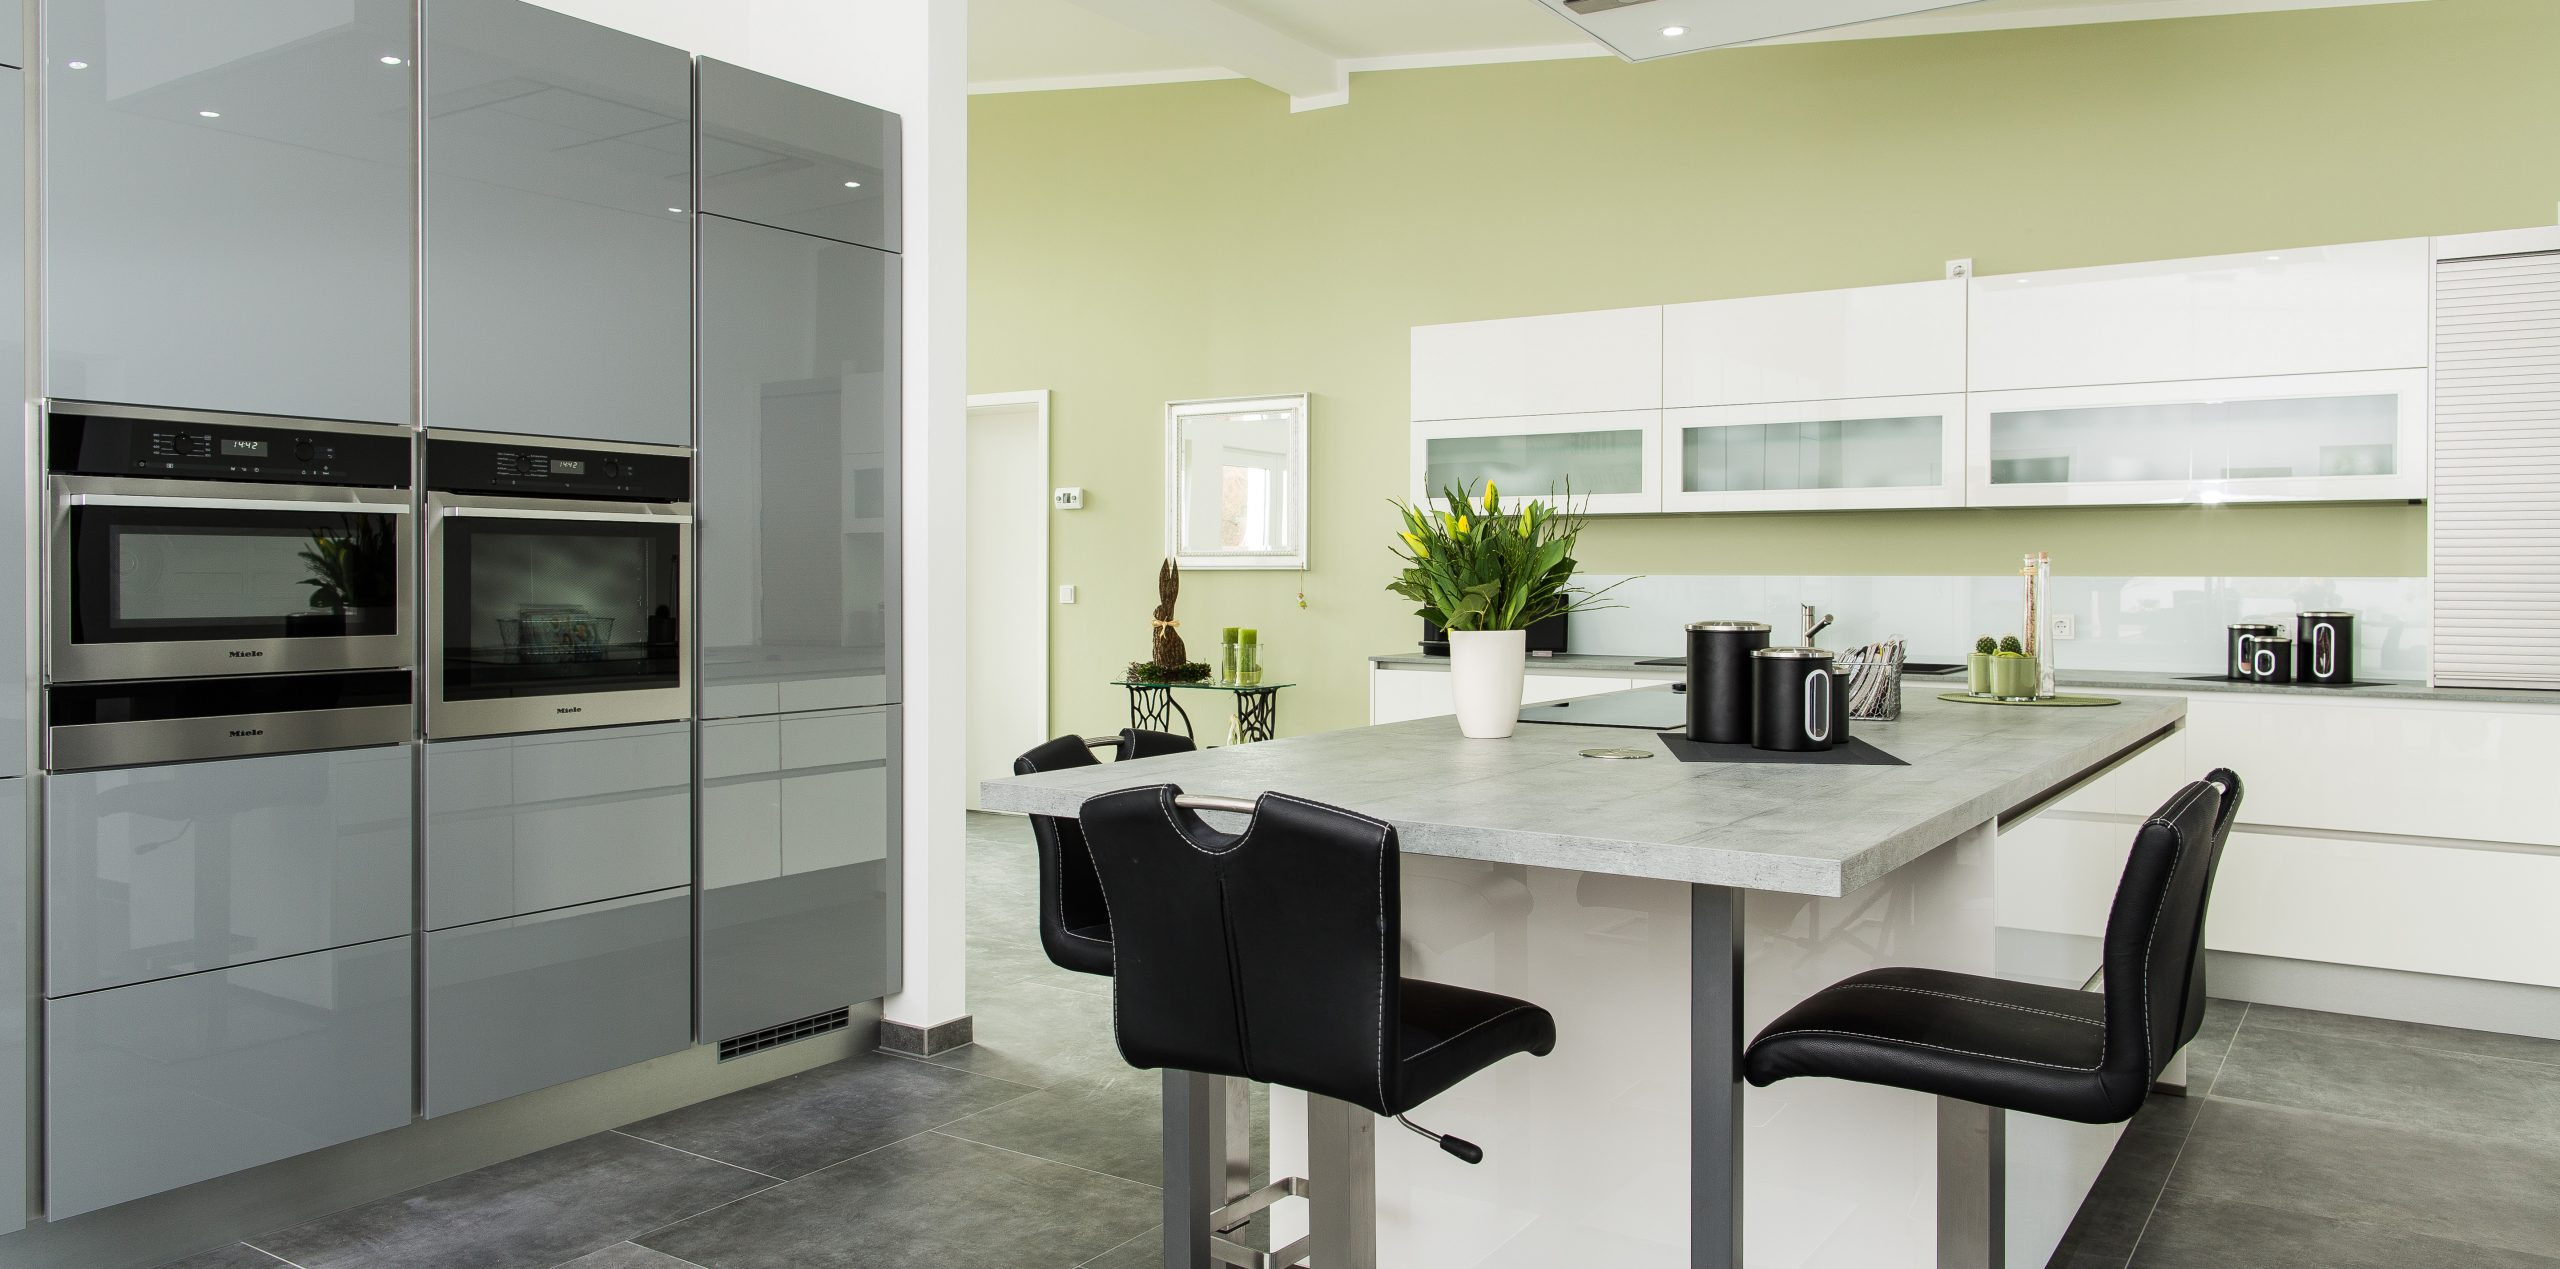 Full Size of Hochglanz Küche Gebraucht Reiniger Für Hochglanz Küche Hochglanz Küche Sauber Machen Hochglanz Küche Richtig Putzen Küche Hochglanz Küche